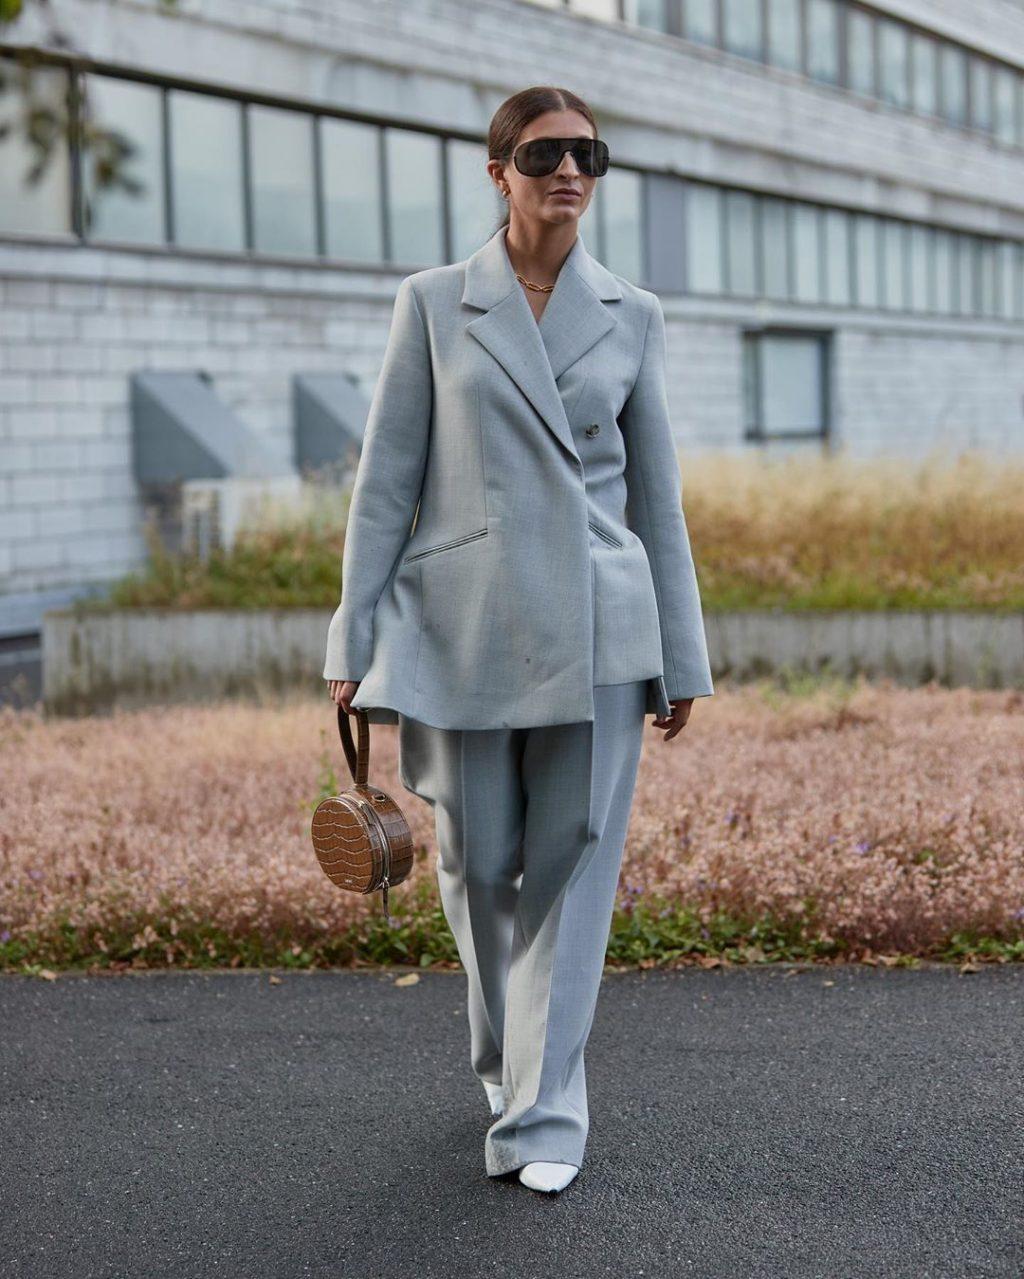 Fashionista mặc quần âu và áo blazer màu xanh cầm túi giả da cá sấu